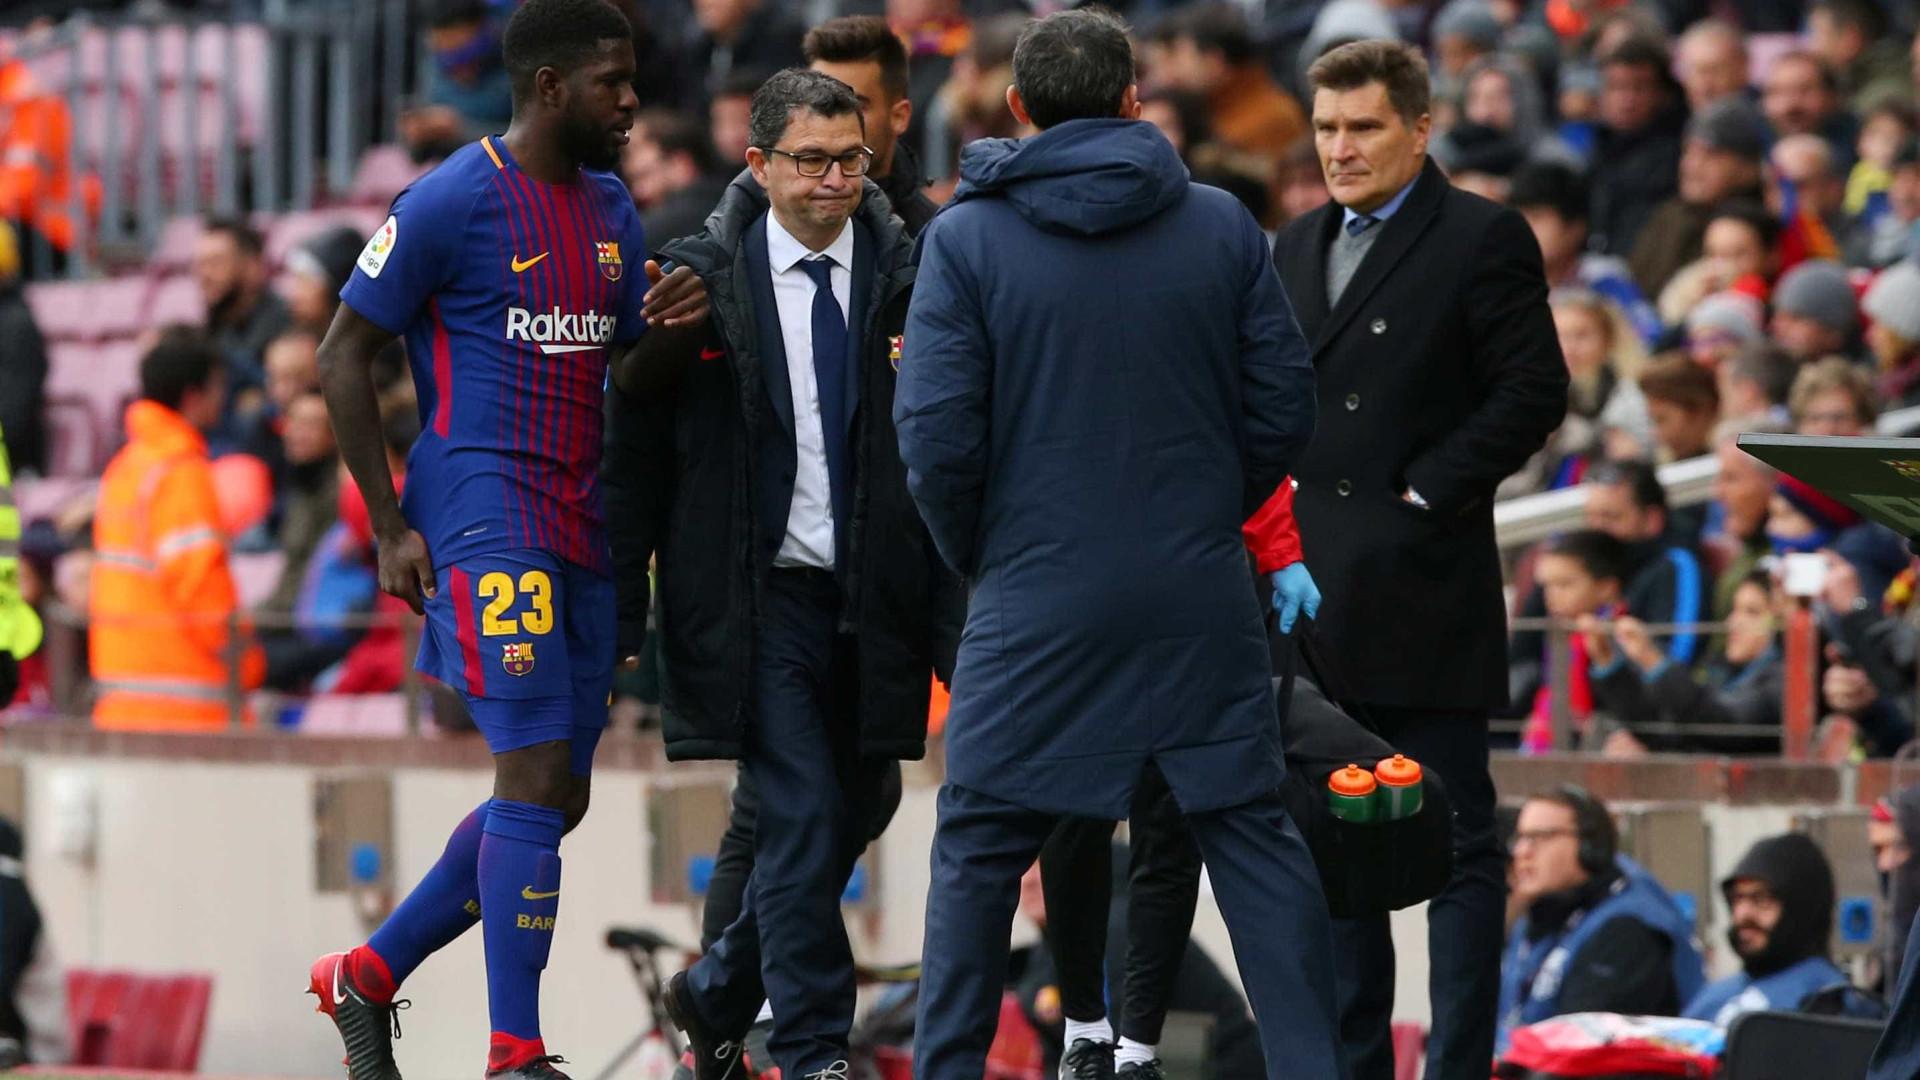 Iniesta falha receção ao Sporting — Barcelona